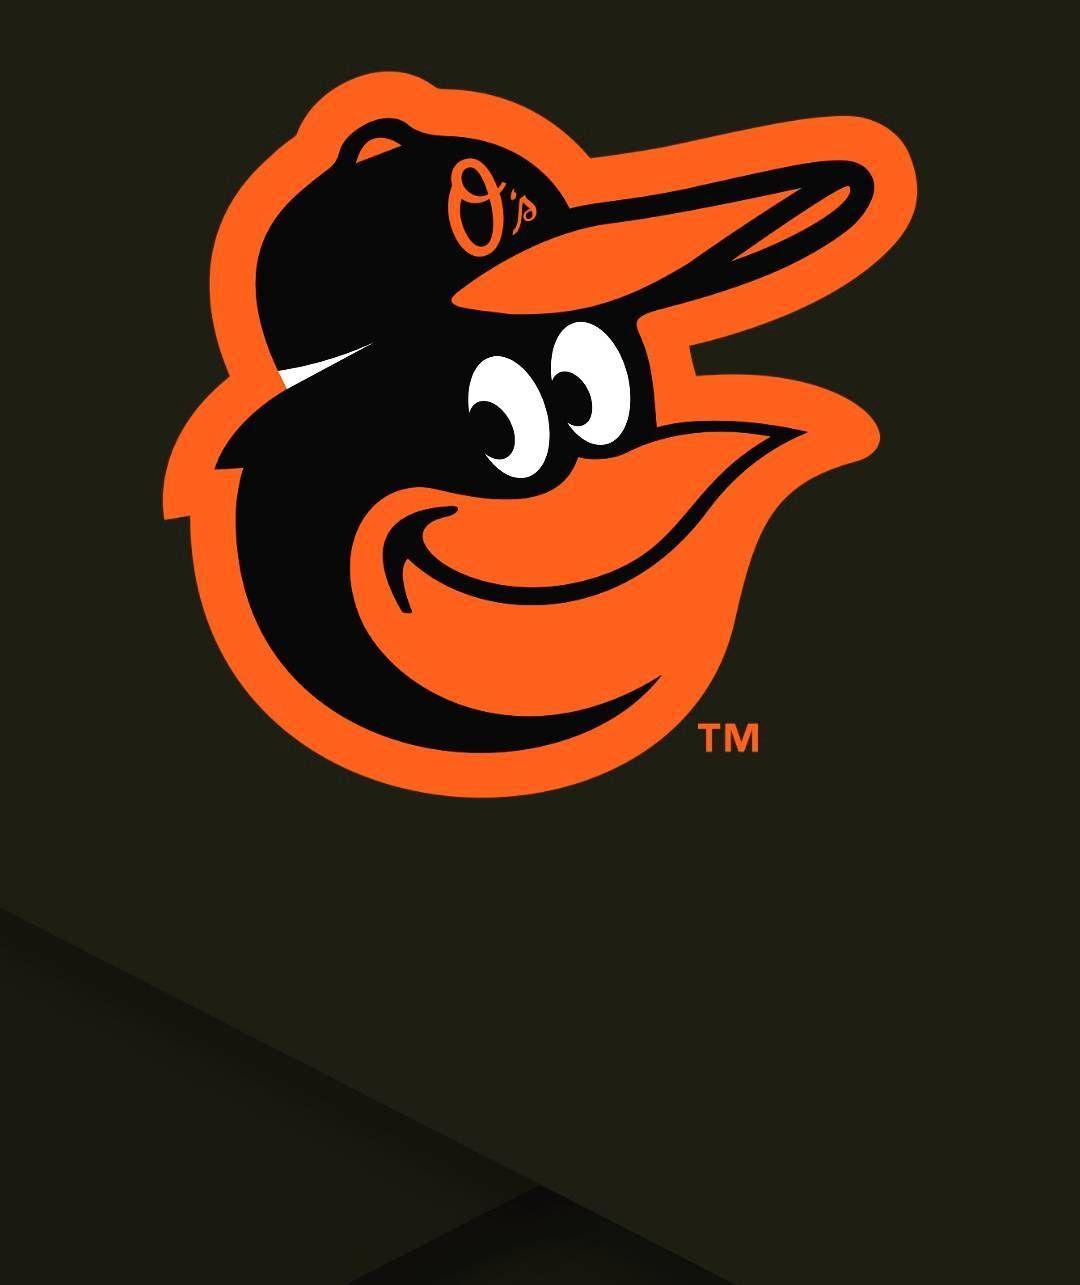 More Baseball Please Baltimoreorioles Baseball Birdland Baltimore Mlb Os Orioles Americanleague Majorleaguebas Orioles Logo Baltimore Orioles Orioles